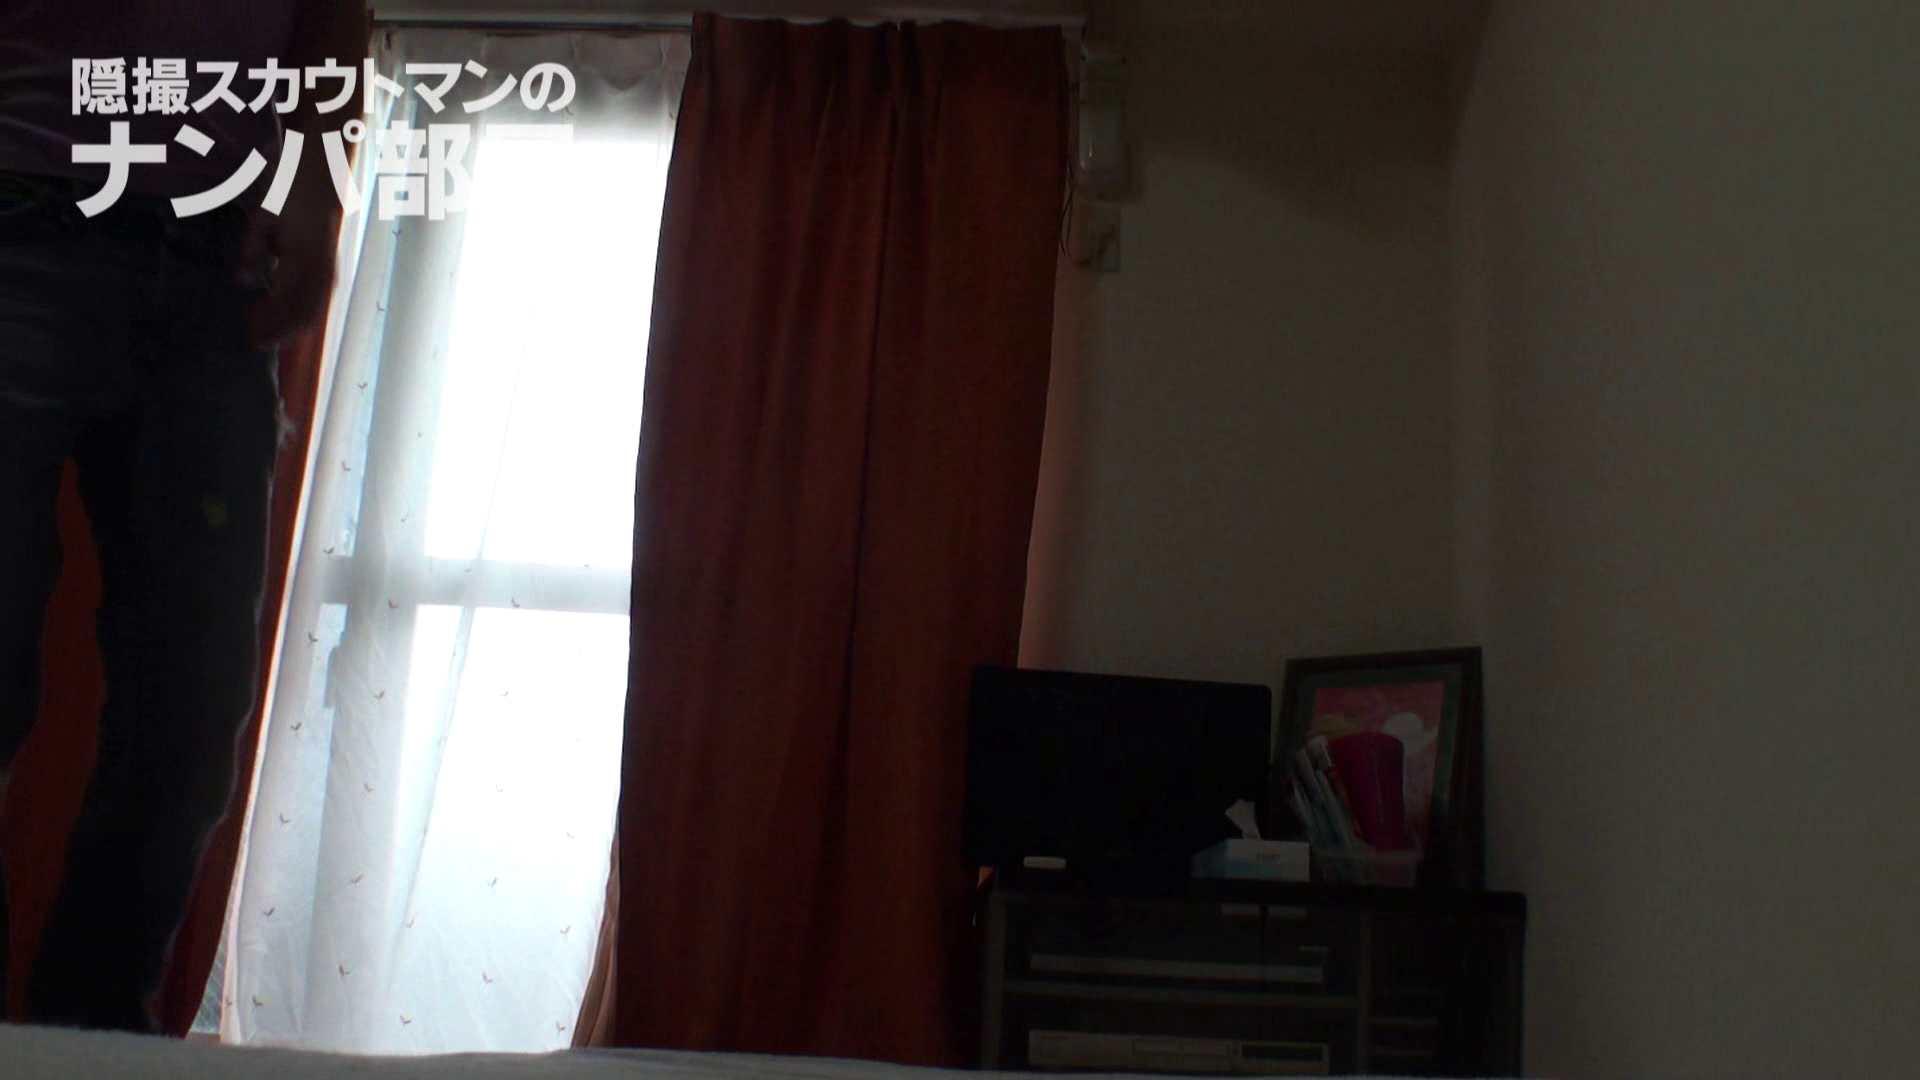 隠撮スカウトマンのナンパ部屋~風俗デビュー前のつまみ食い~ siivol.3 ナンパ  90連発 16